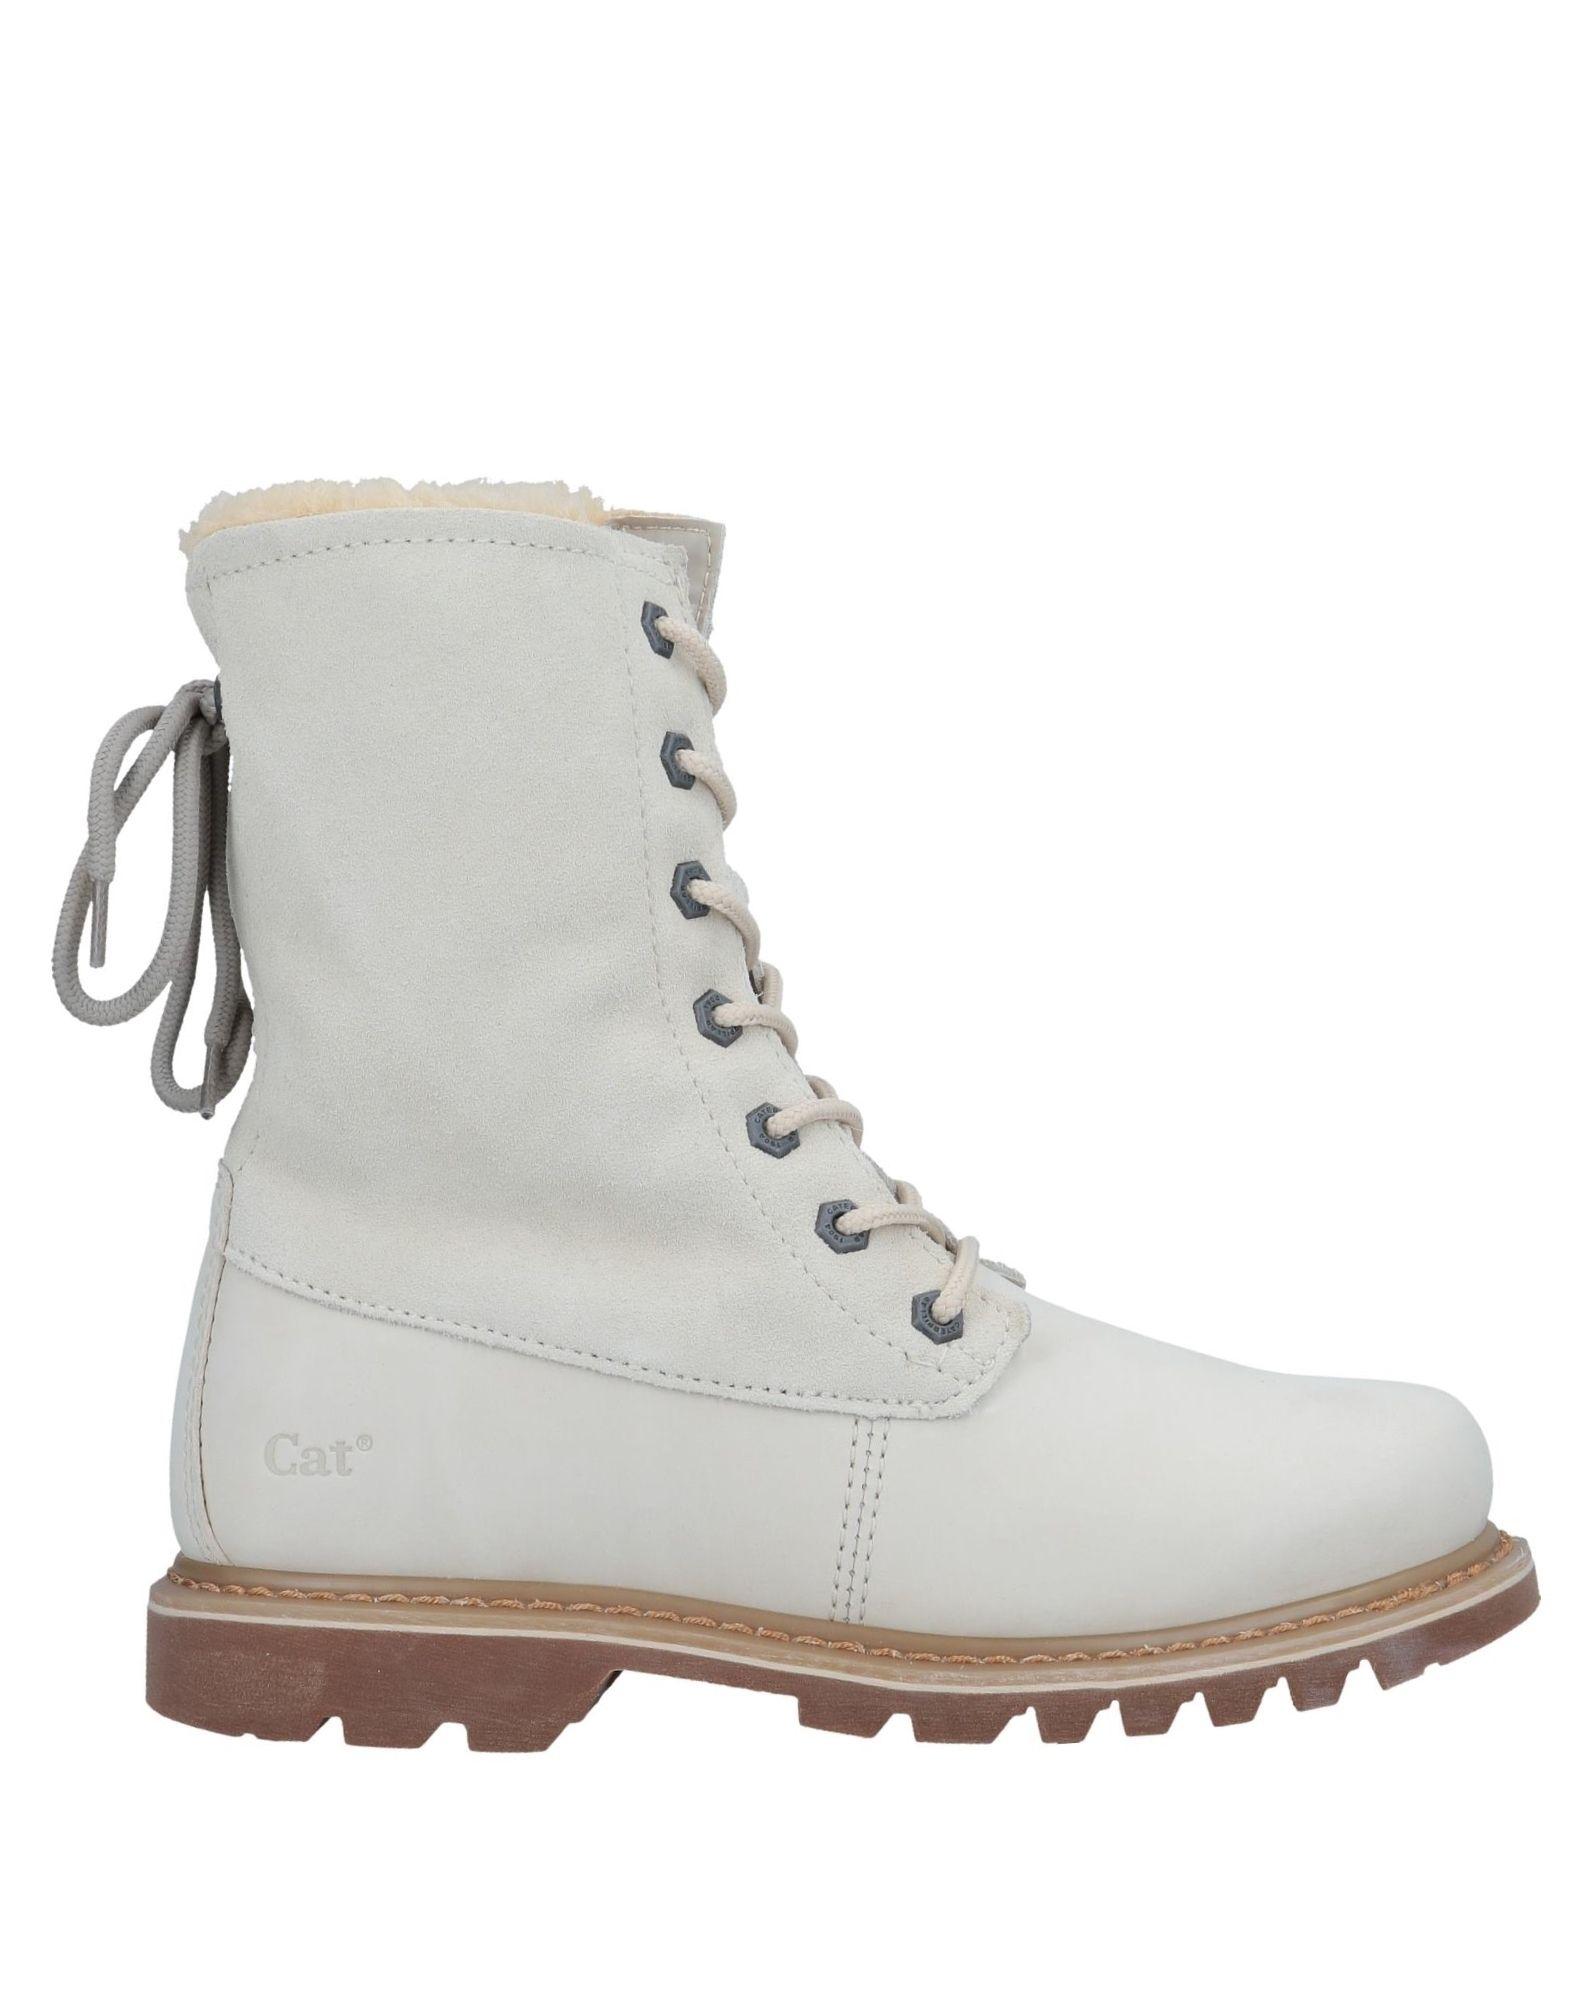 Cat Stiefelette Damen  11548915TW Gute Qualität beliebte Schuhe